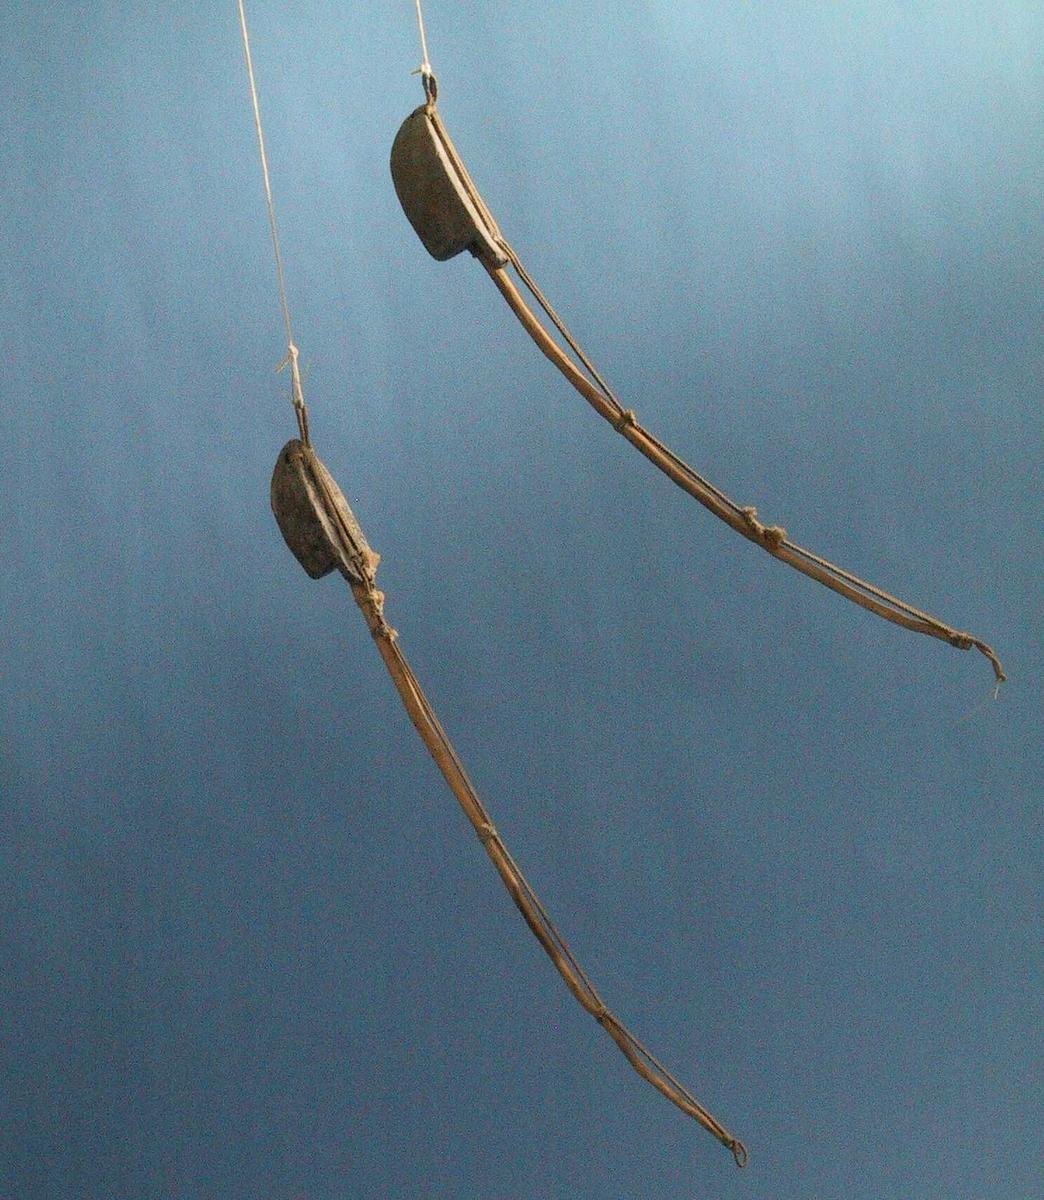 Fiskesøkke til dorgefiske. Støpt blylodd, spikket einerpinne festet i hull i loddet, forsterket m. dobbelt snøre, bundet til loddet og til pinnen. Båtformet blylodd, buet pinne